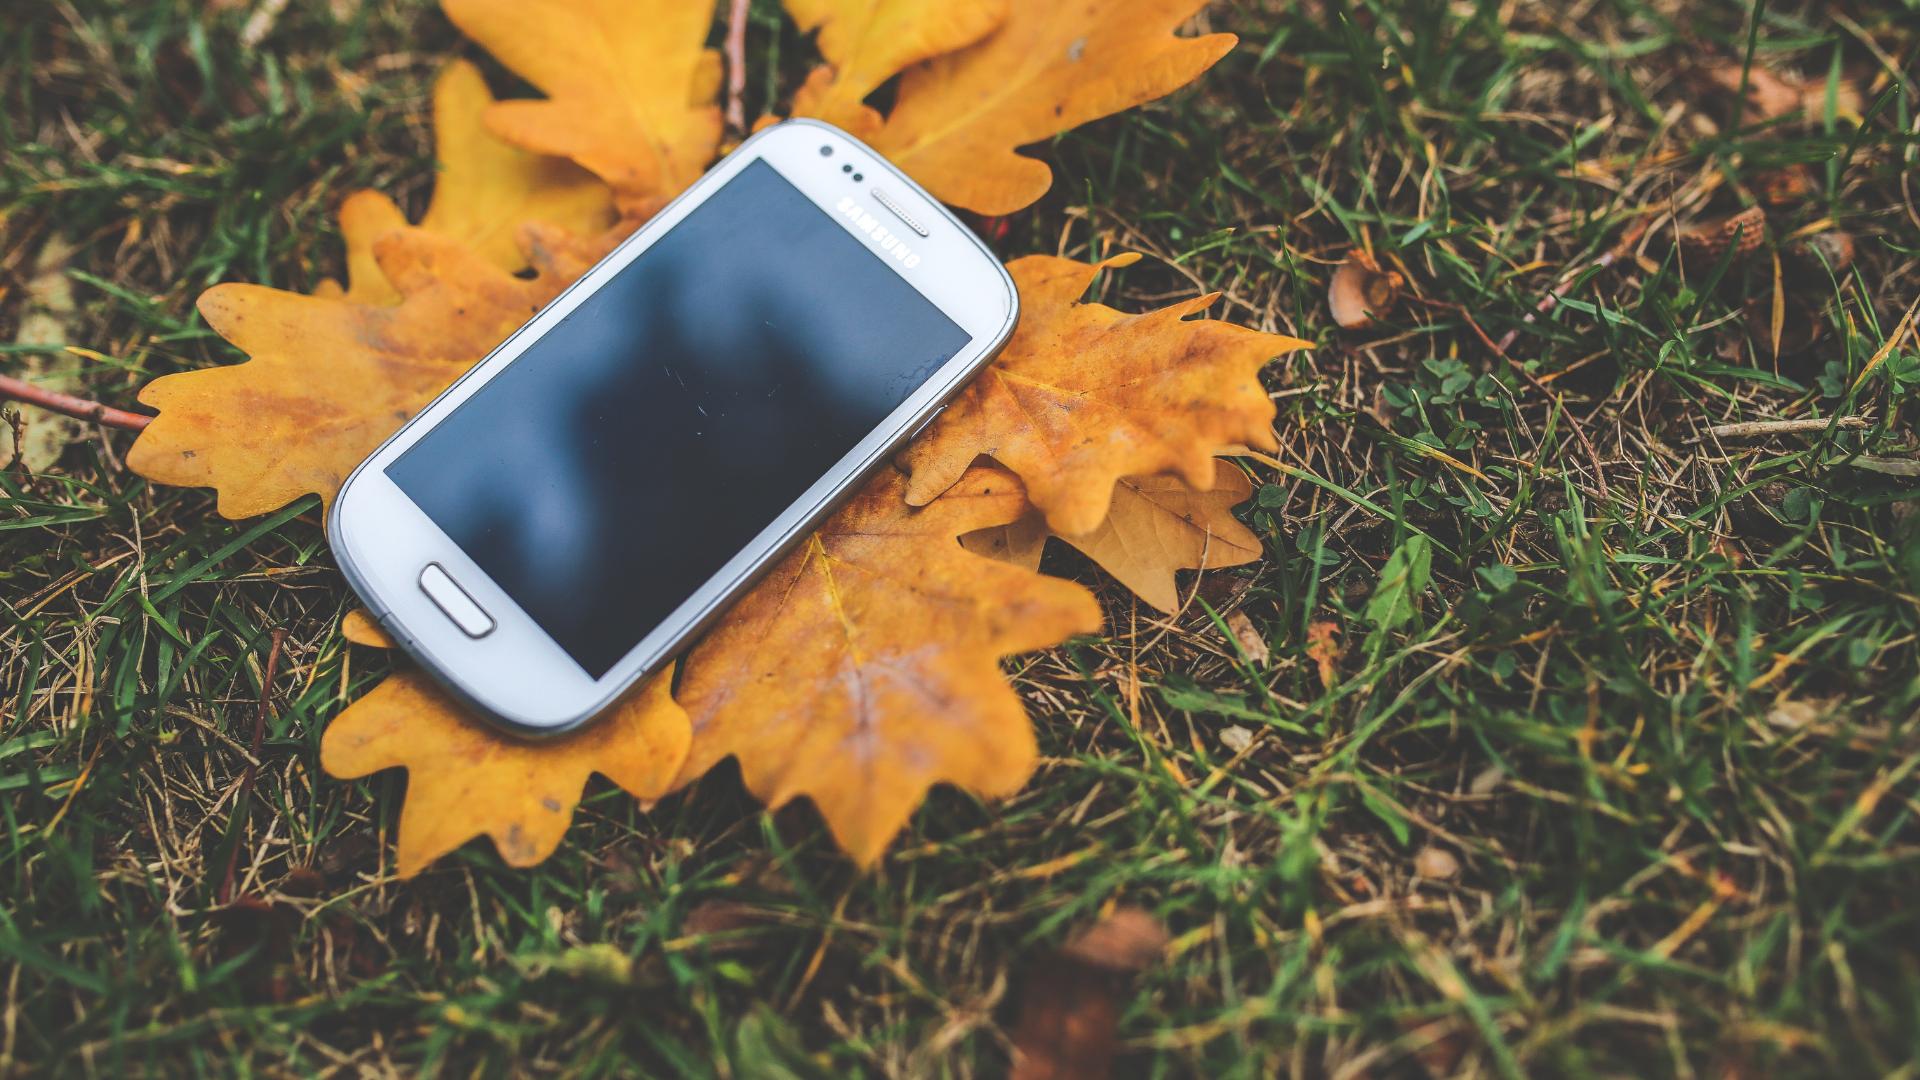 Kuvituskuva, älypuhelin syksyisellä nurmikolla